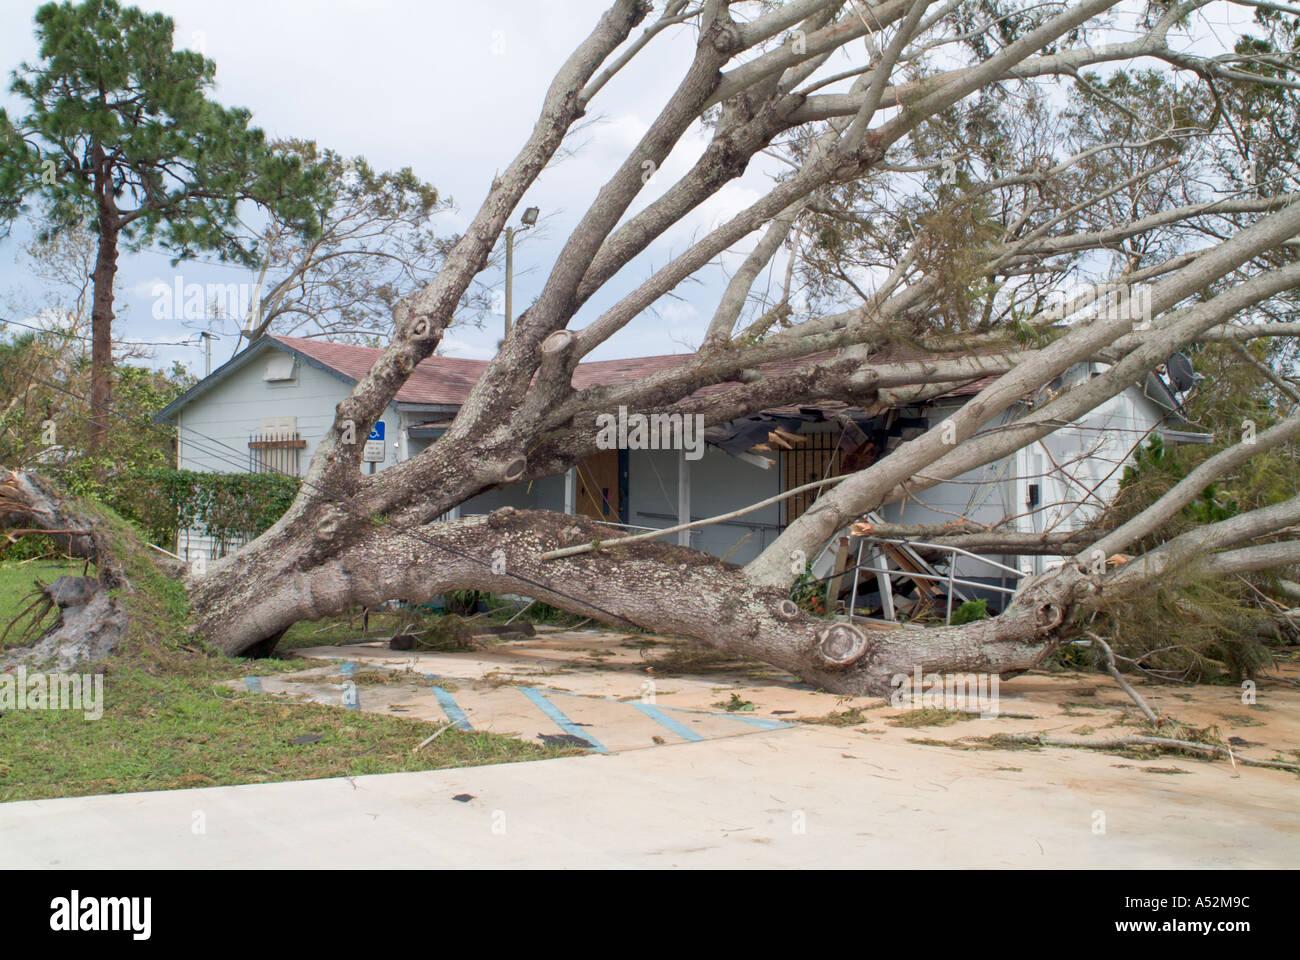 Hurrikan Frances Saint Lucie County Florida Schaden Zerstörung Sturm Nachwirkungen Schutt Katastrophengebiet Bäume auf Häuser gefallen Stockbild